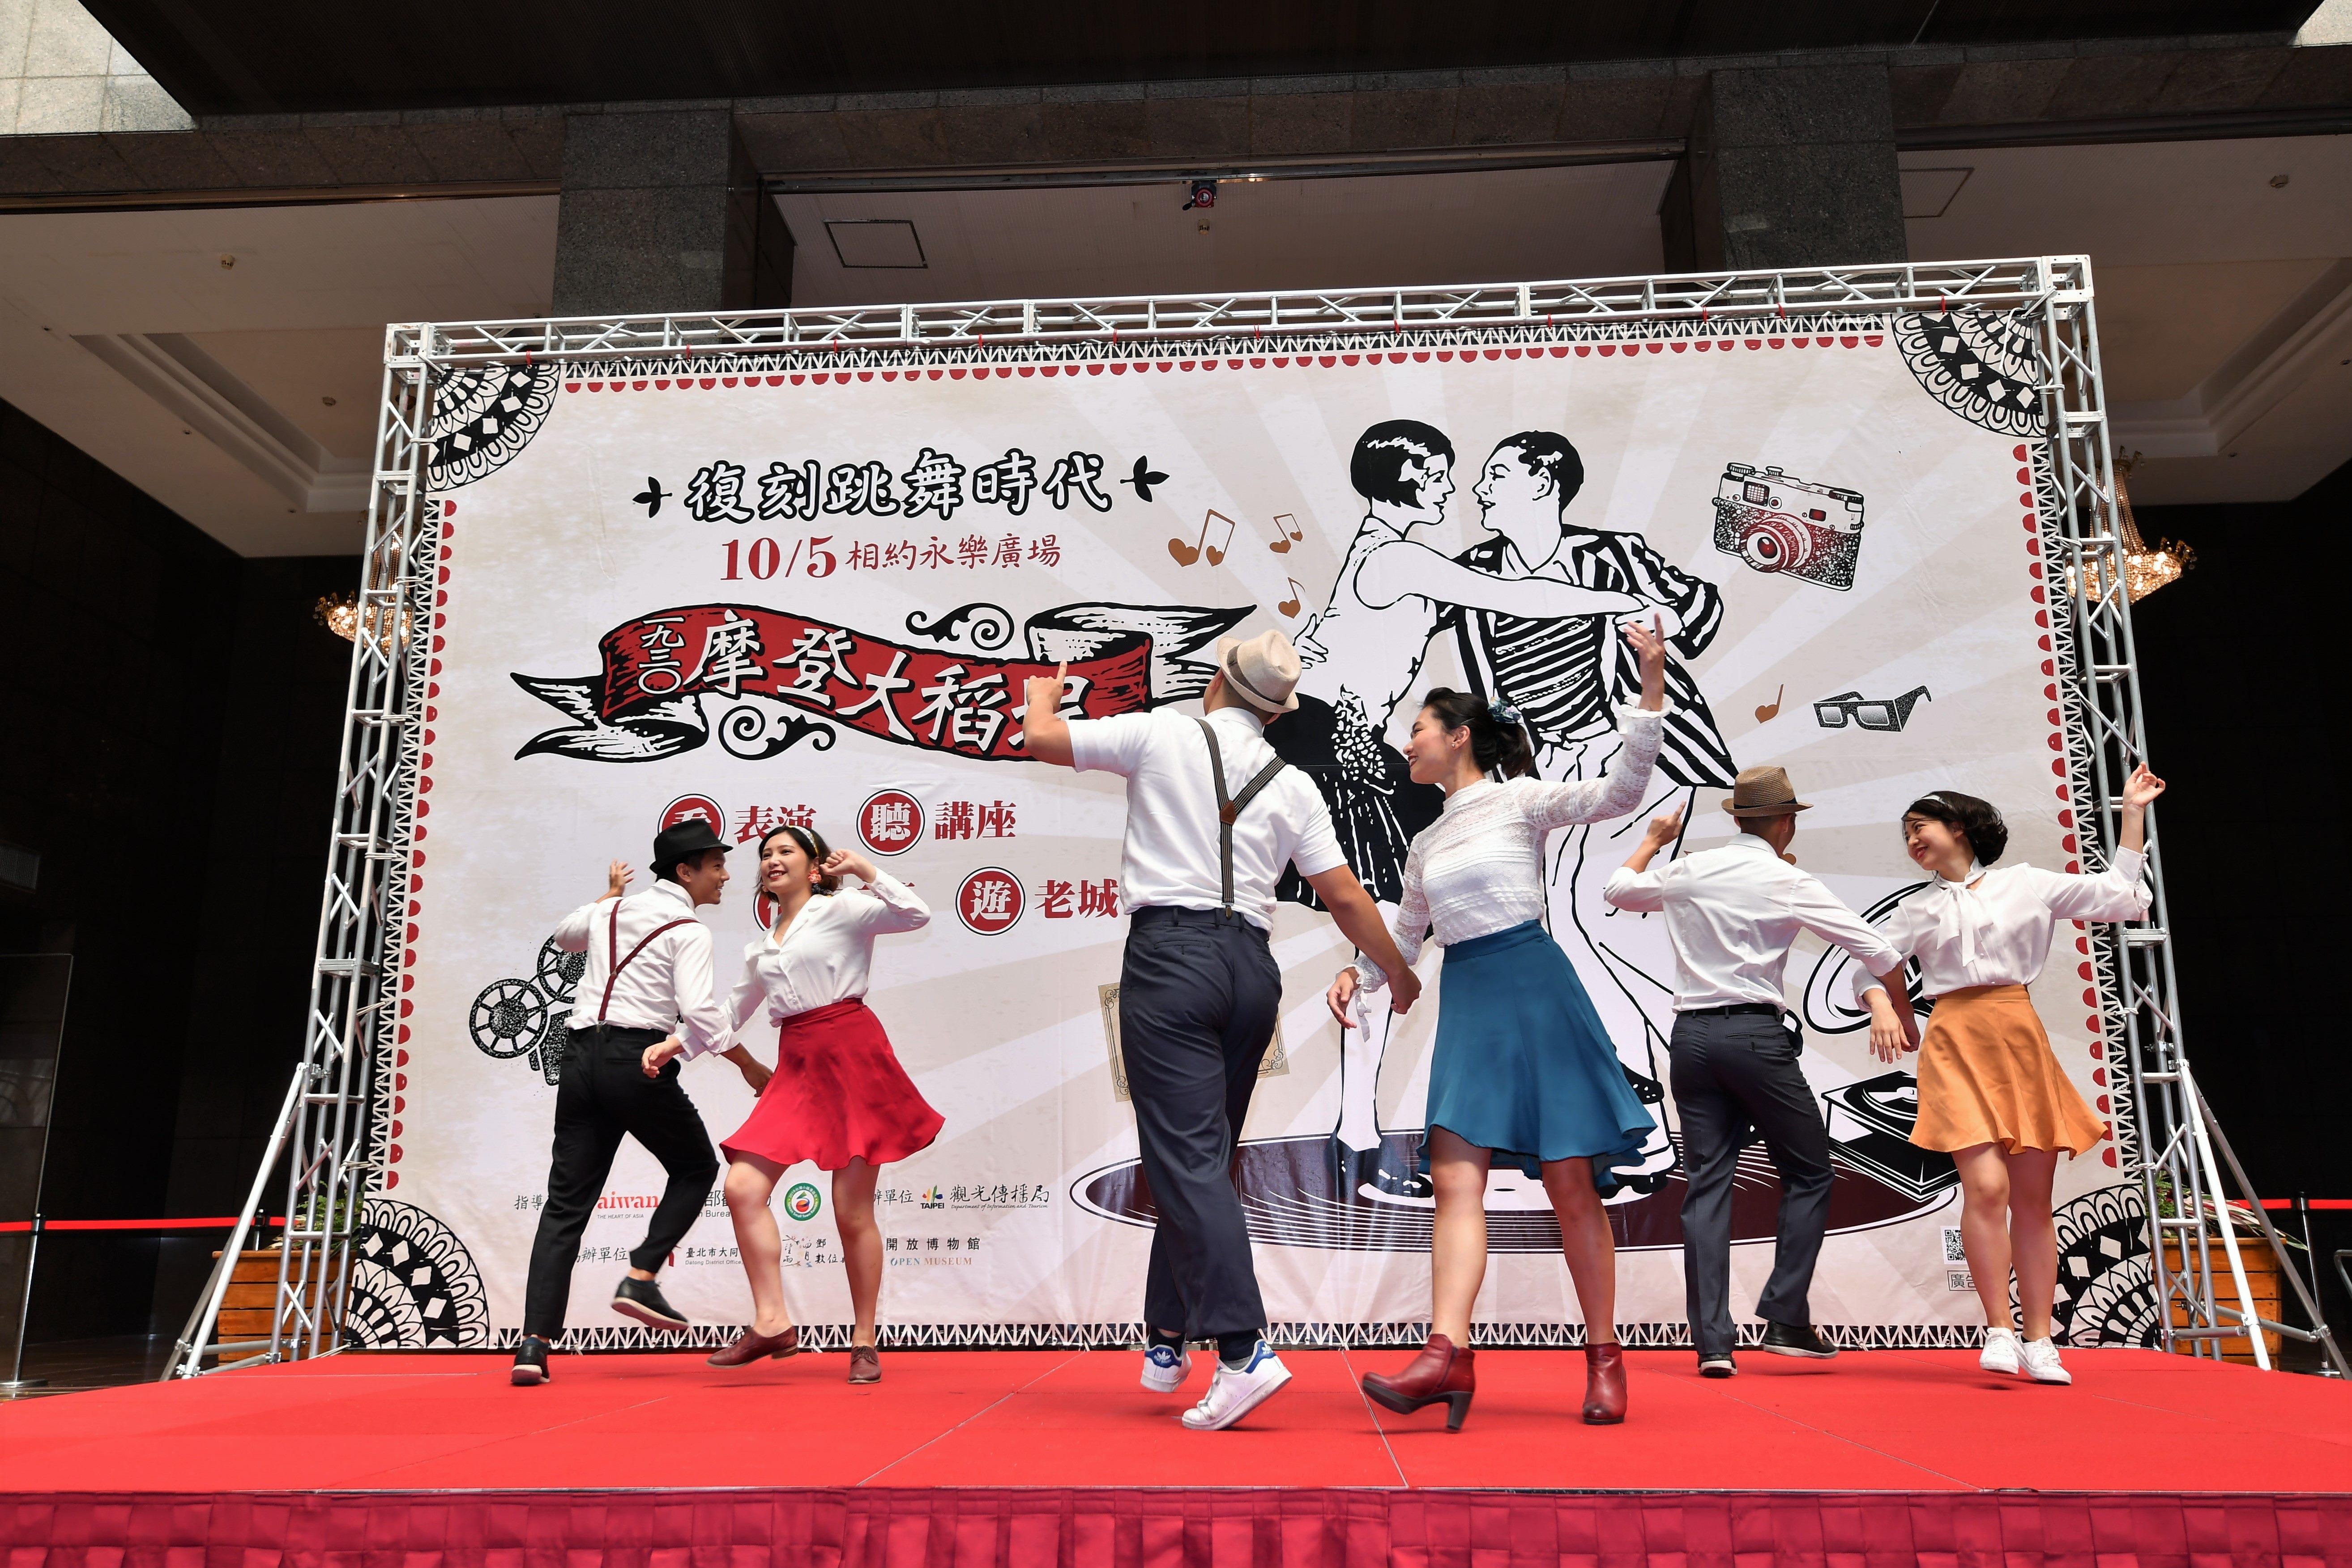 觀光傳播局以鄧雨賢1933年創作的流行歌曲《跳舞時代》為背景帶大家探訪那個年代的懷舊記憶